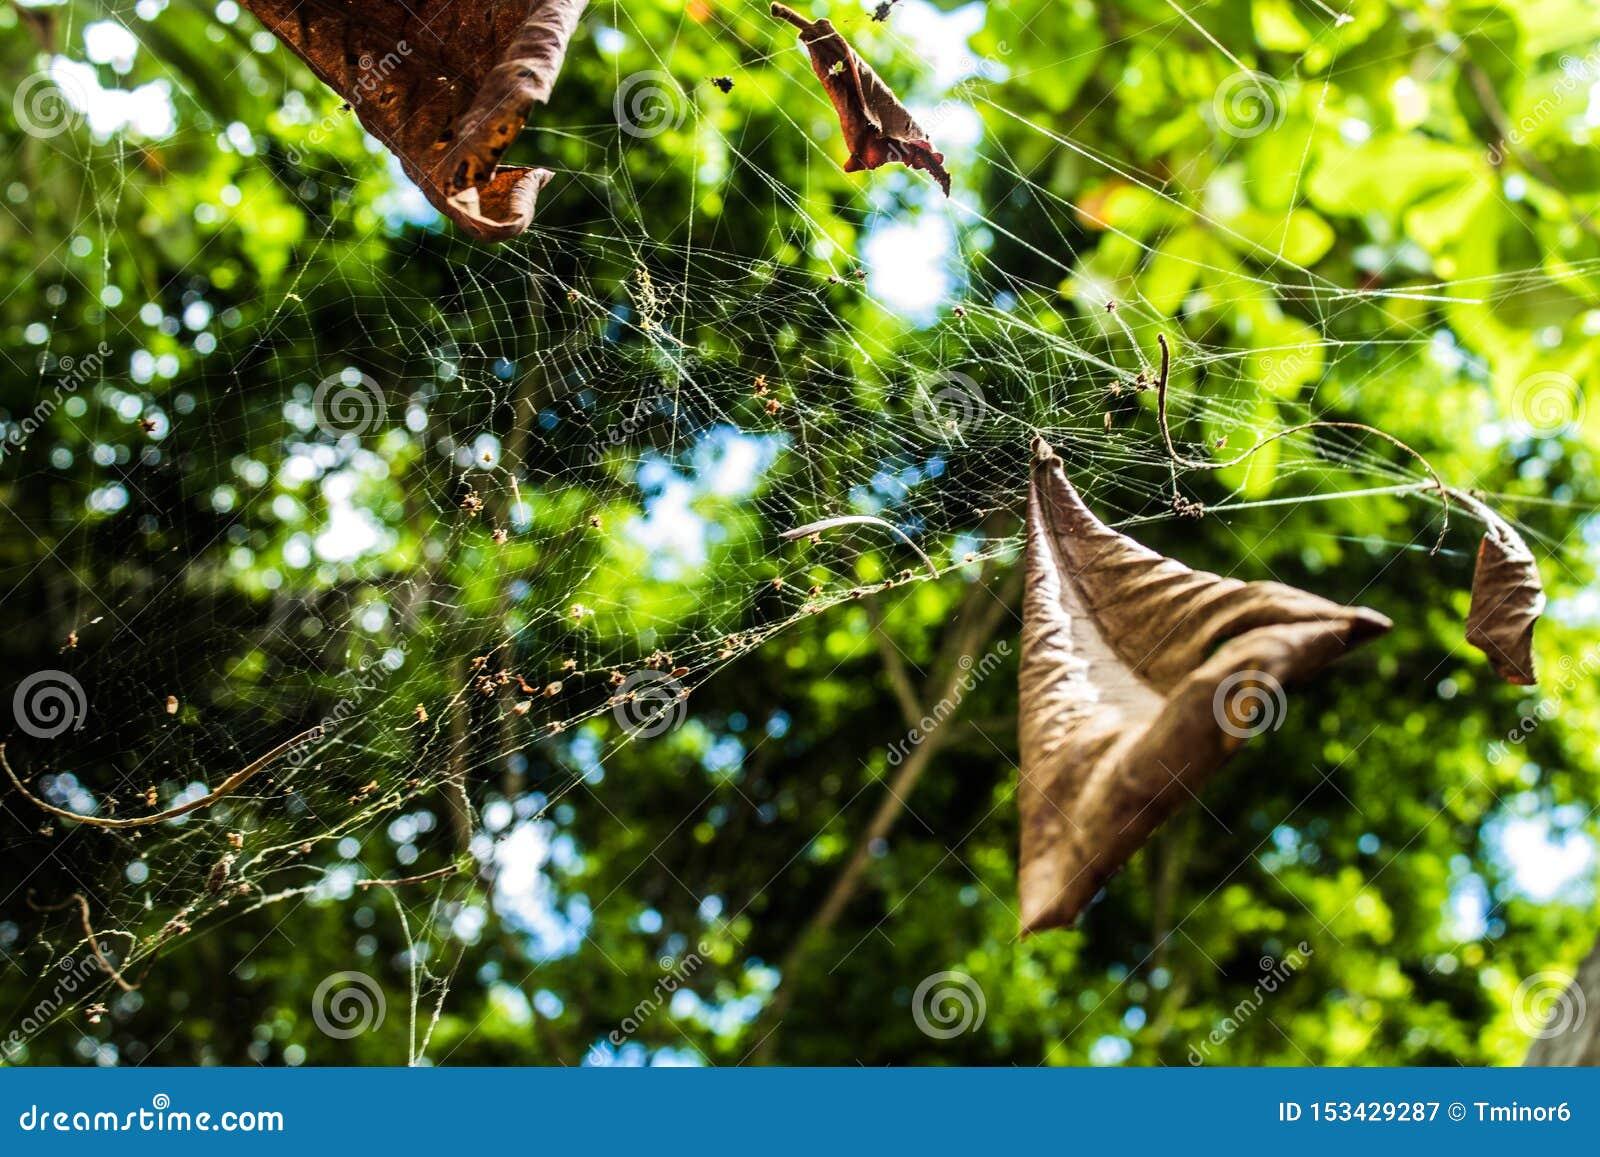 Ιστός αράχνης αραχνών με τα φύλλα και το ρύπο